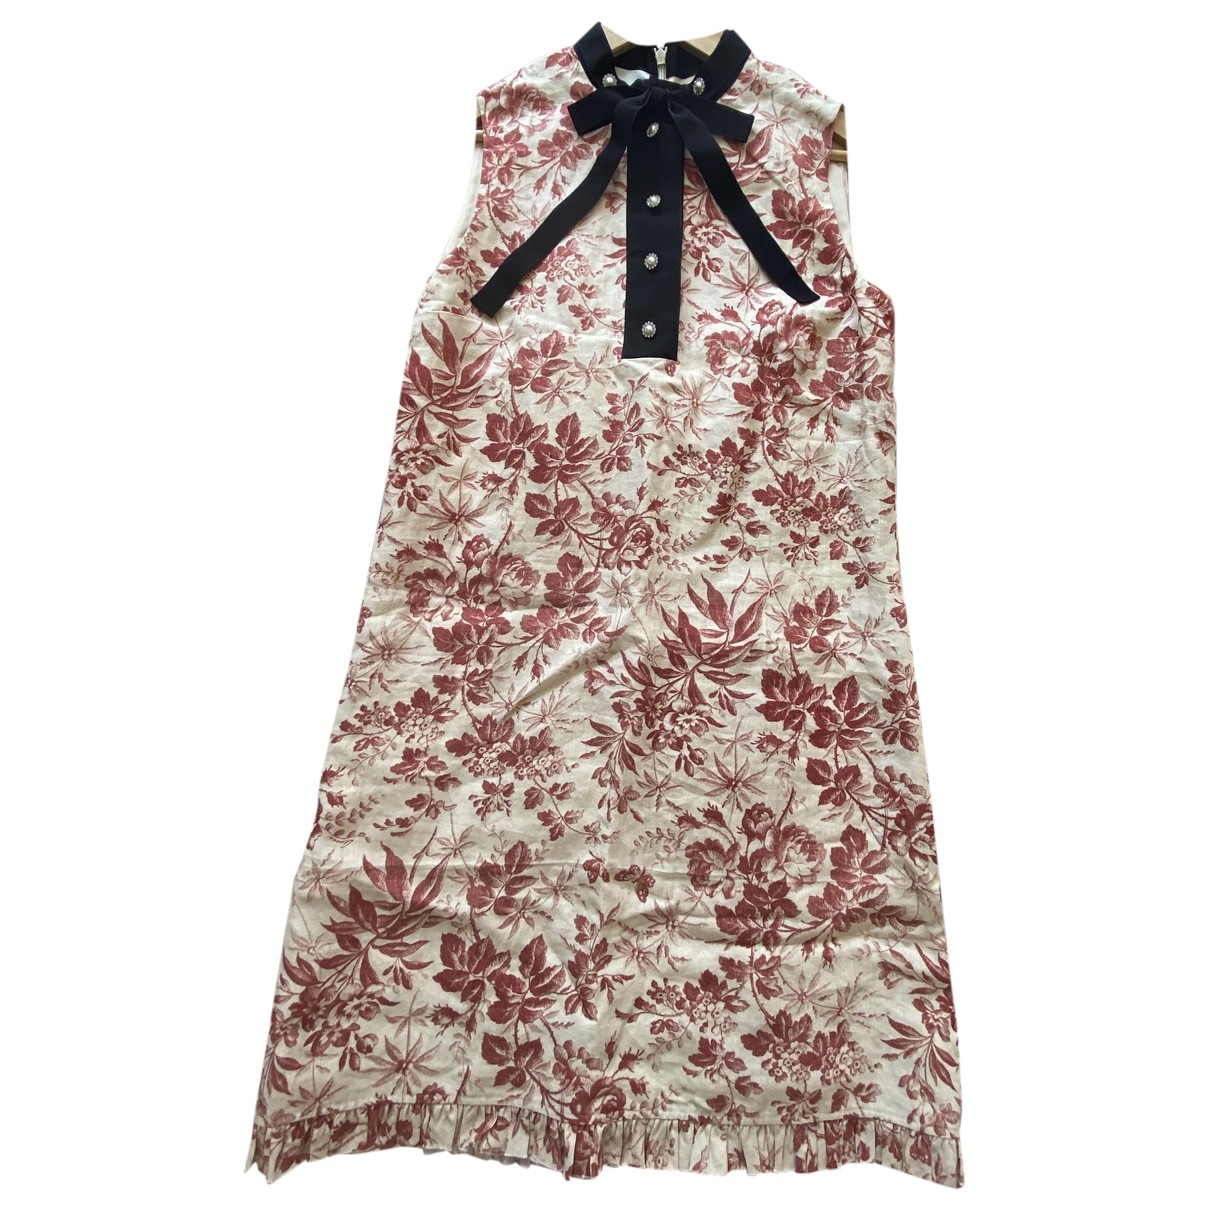 Gucci \N Kleid in  Beige Leinen